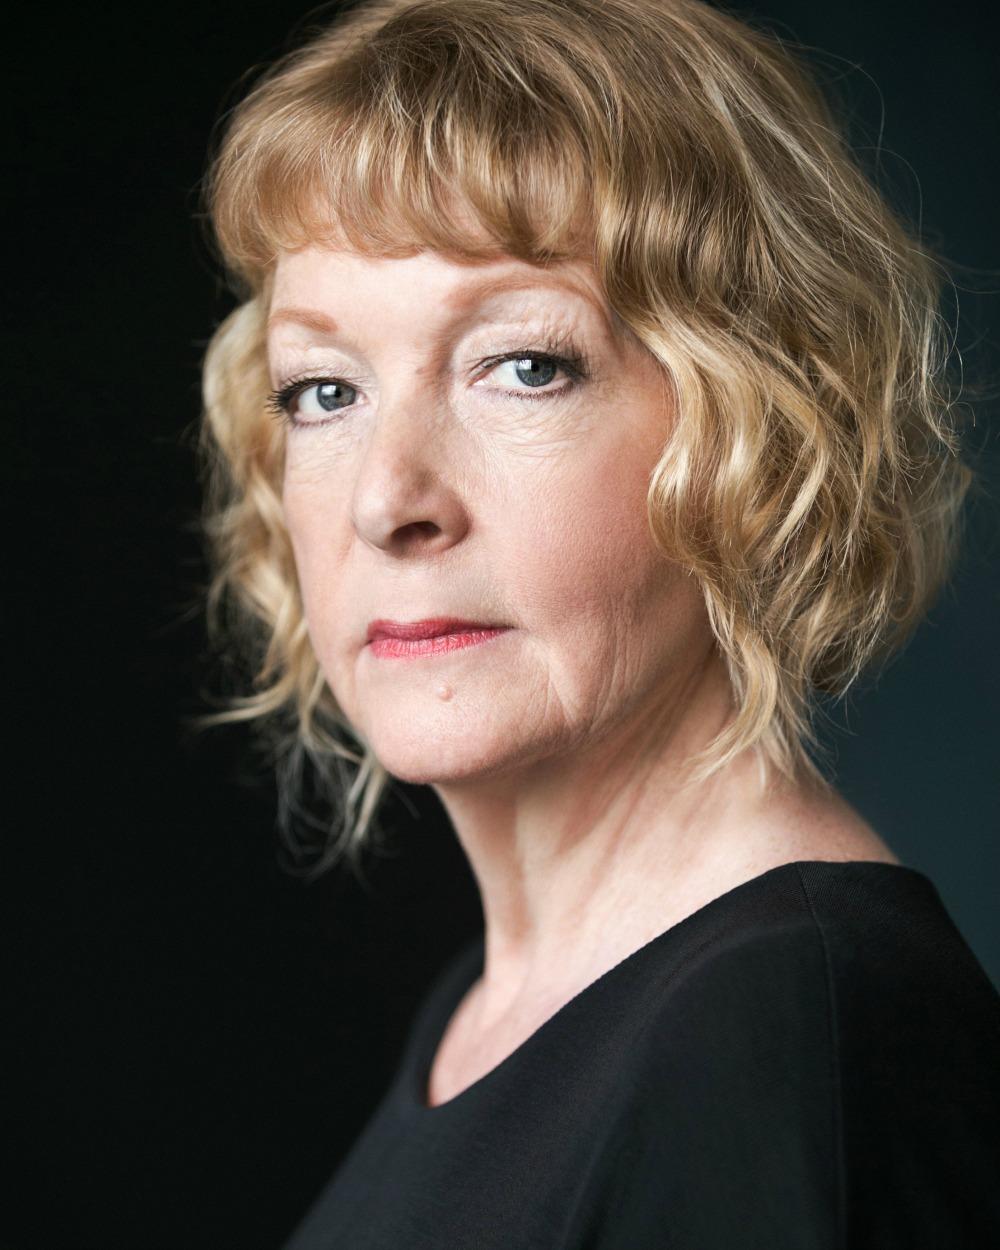 Dorothy Bernard,Kevin McNally (born 1956) Sex clips Alba Parietti (born 1961),Rebecca De Unamuno